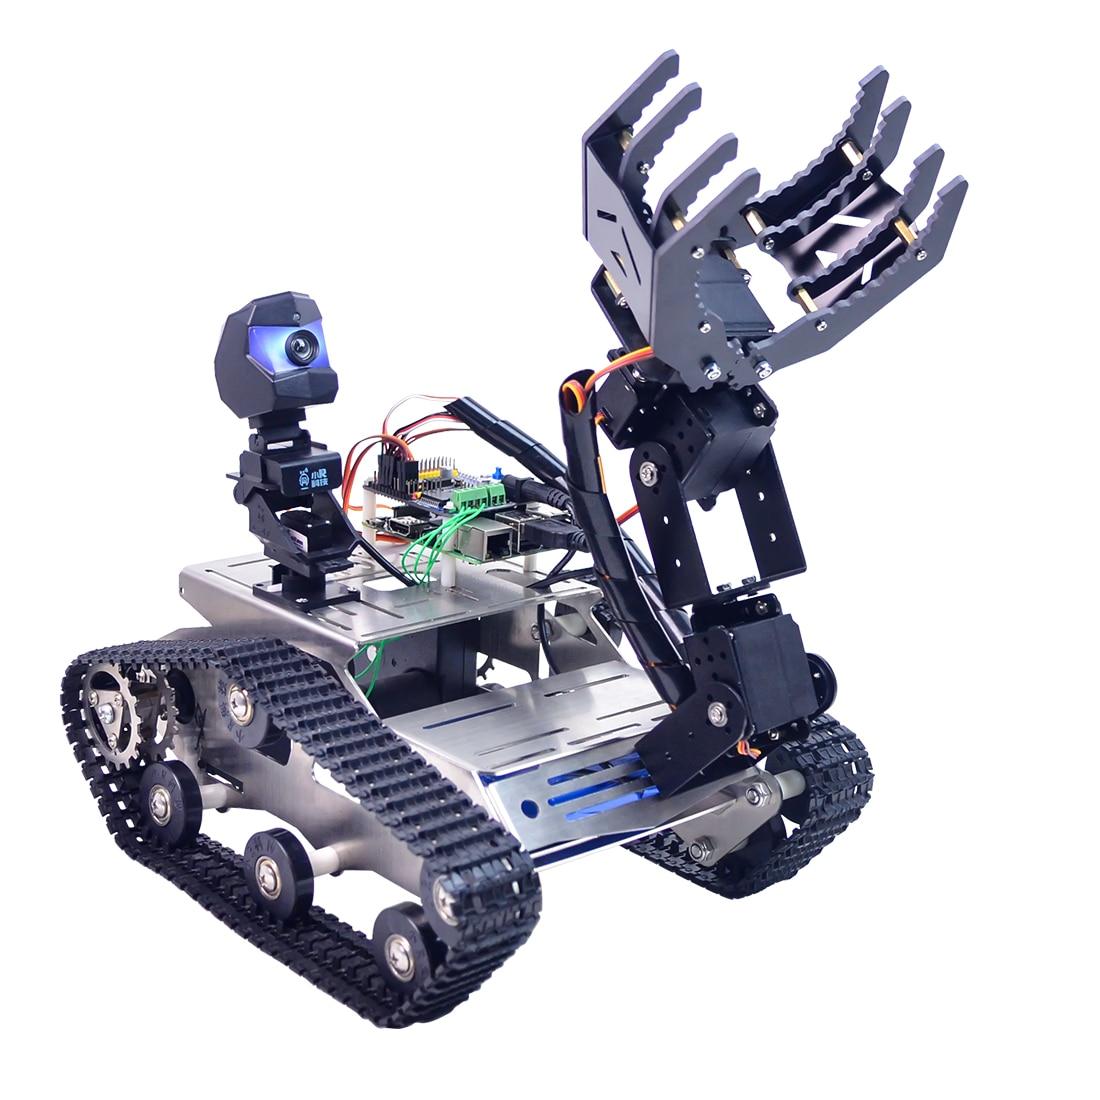 Jouet Programmable TH WiFi FPV réservoir Robot voiture Kit avec bras pour Arduino méga-ligne patrouille évitement d'obstacles Version